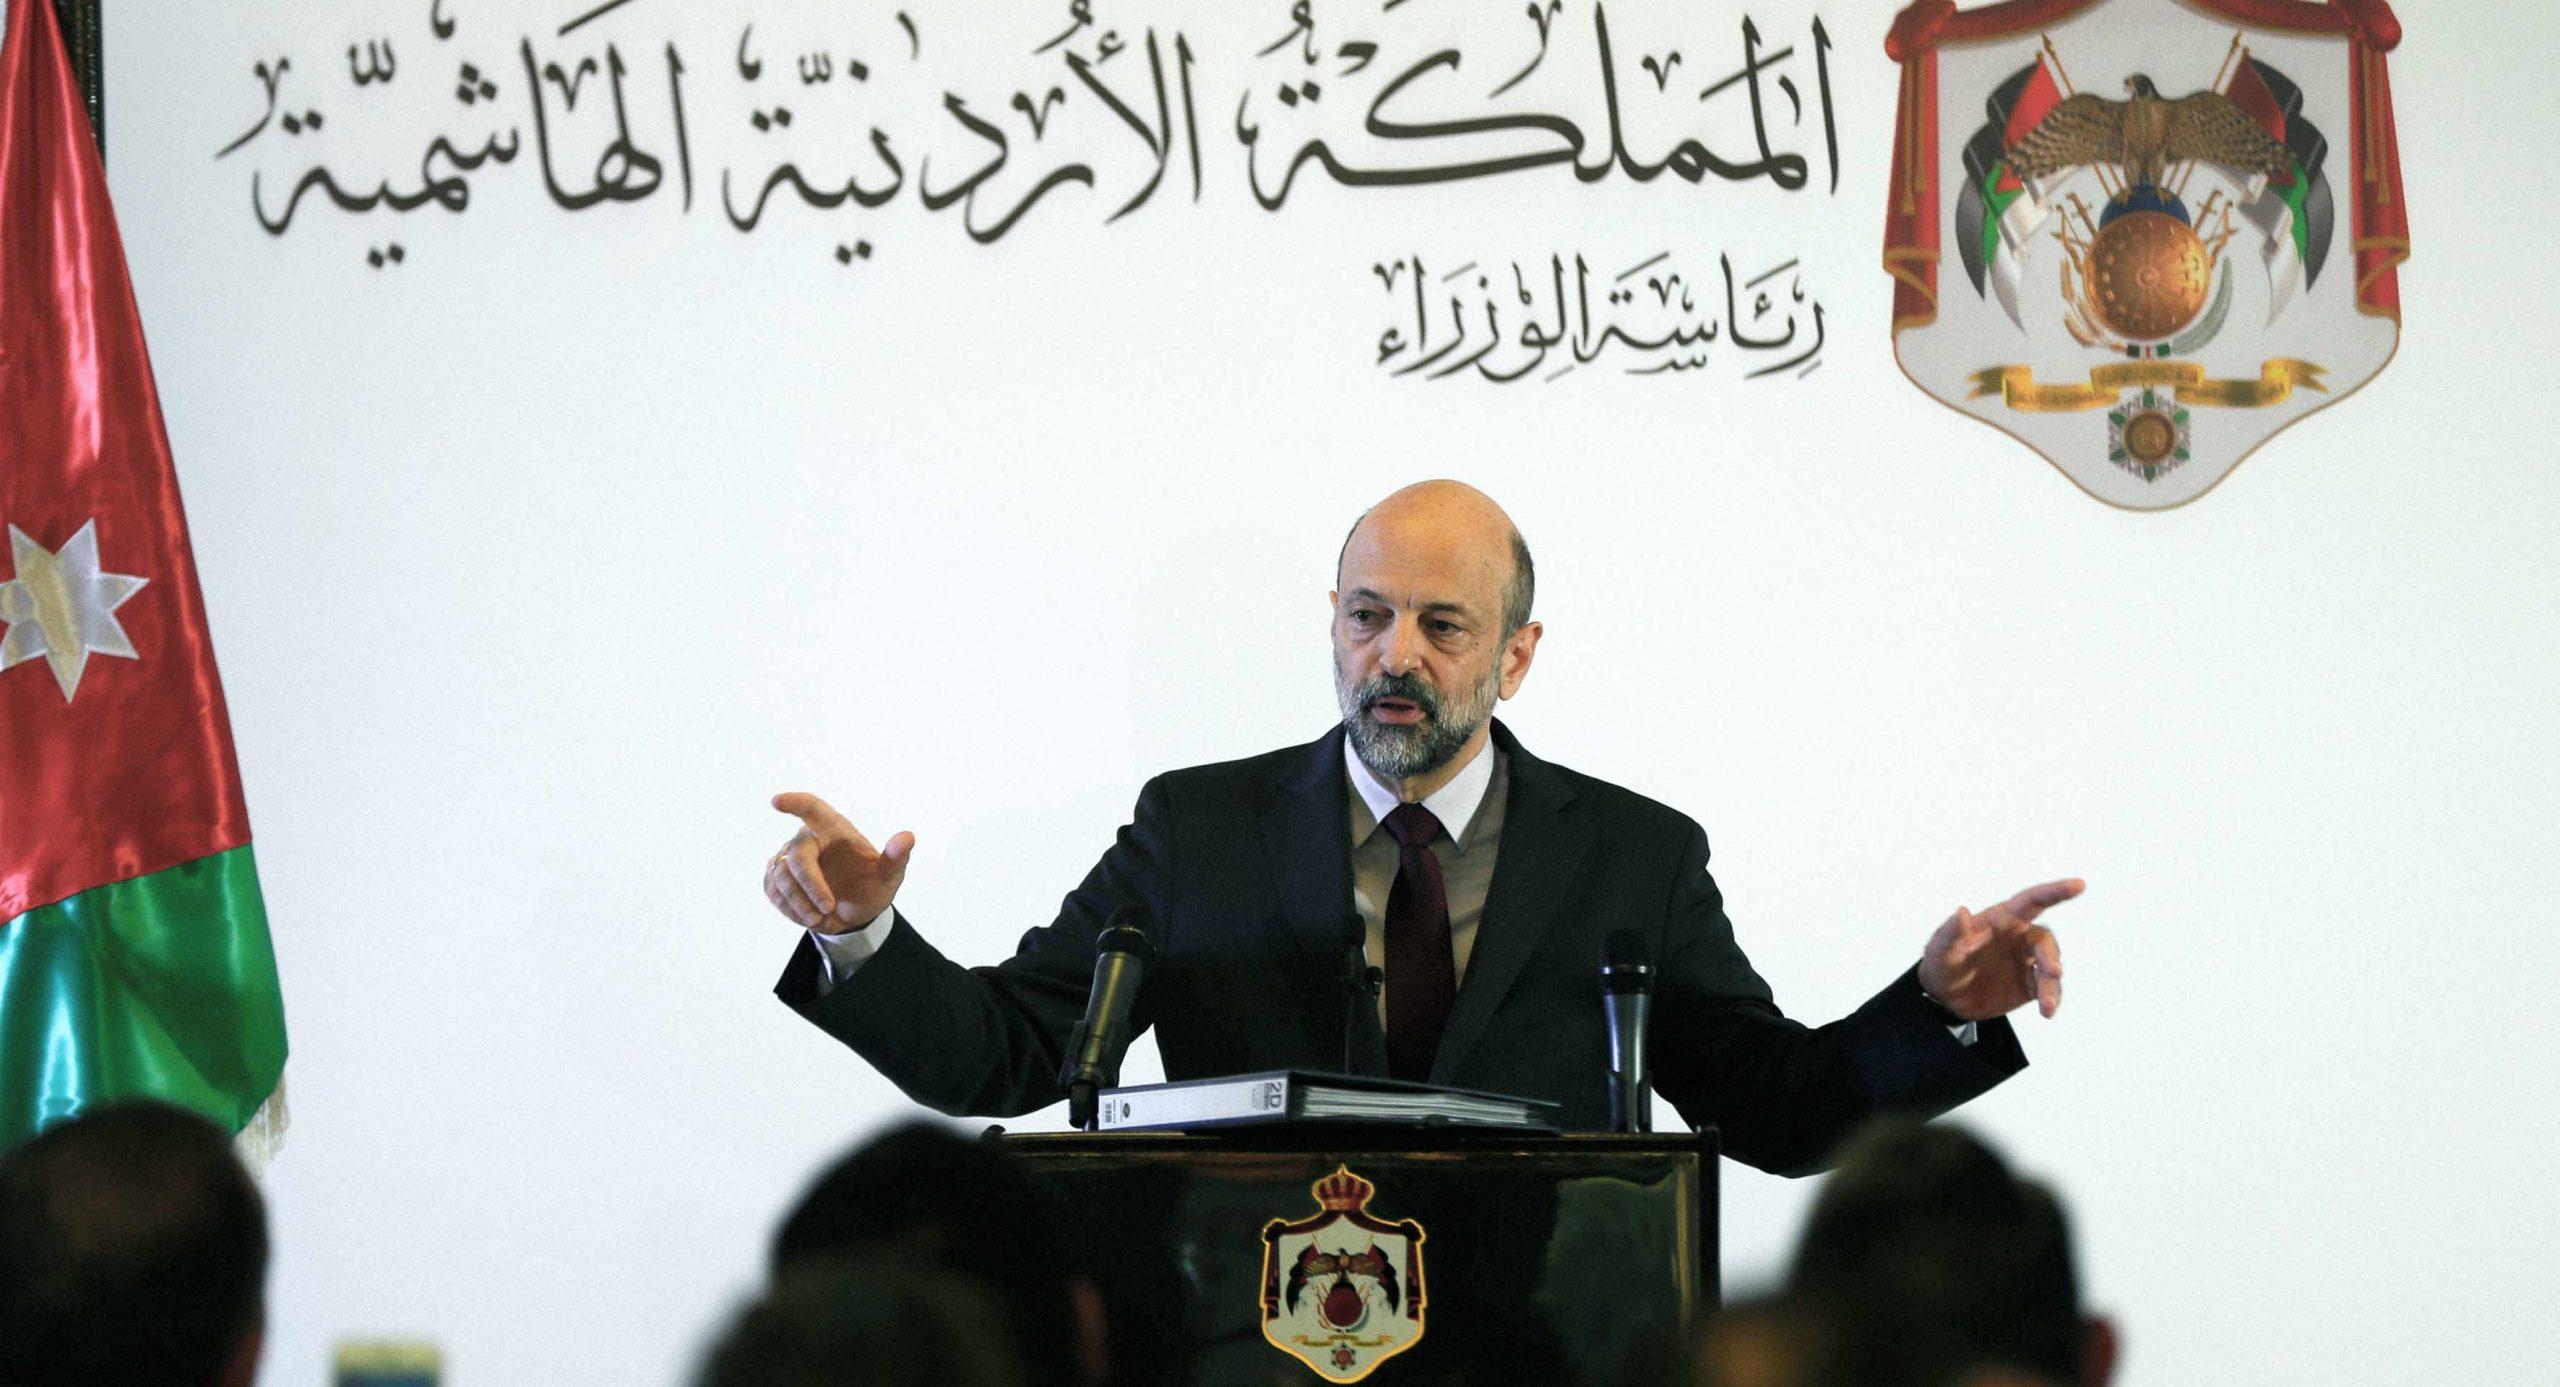 صورة الحكومة الأردنية تمنح صاحب العمل خصومات على الفوائد وللعامل خصومات على الراتب